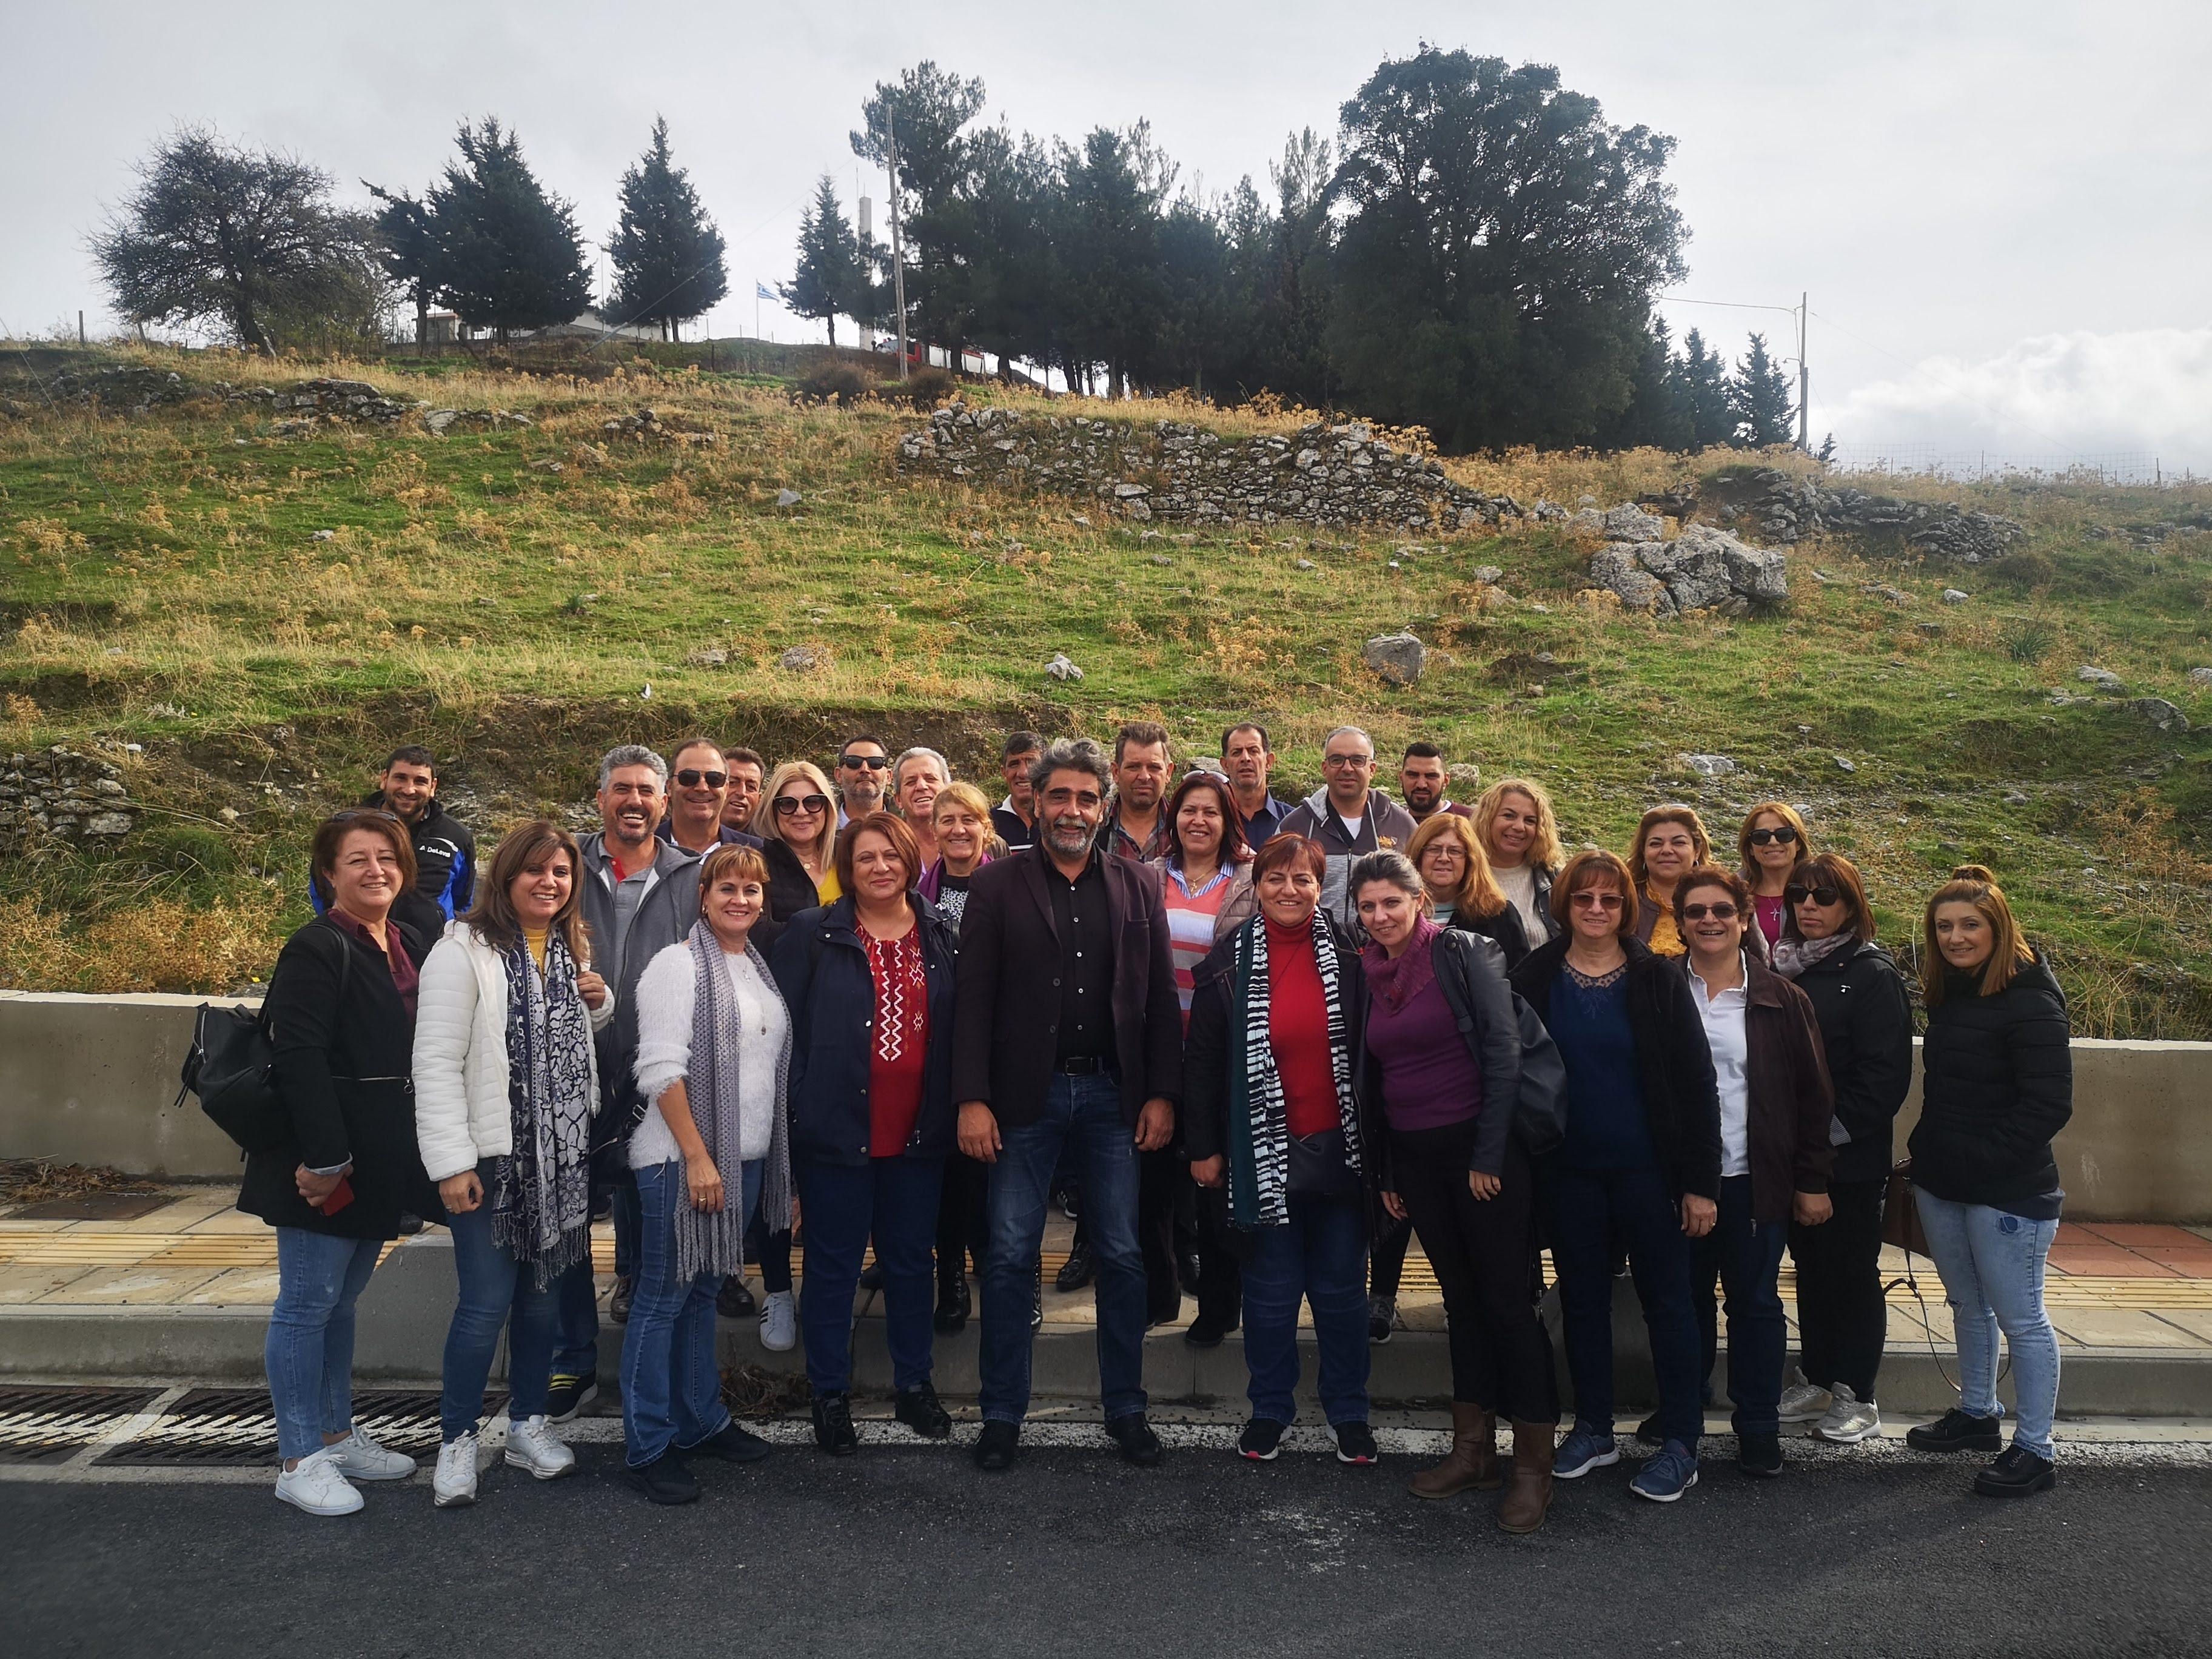 Εκπαιδευτικό ταξίδι στην Κρήτη για τον Σύλλογο Γυναικών Υπαίθρου Λάρνακας